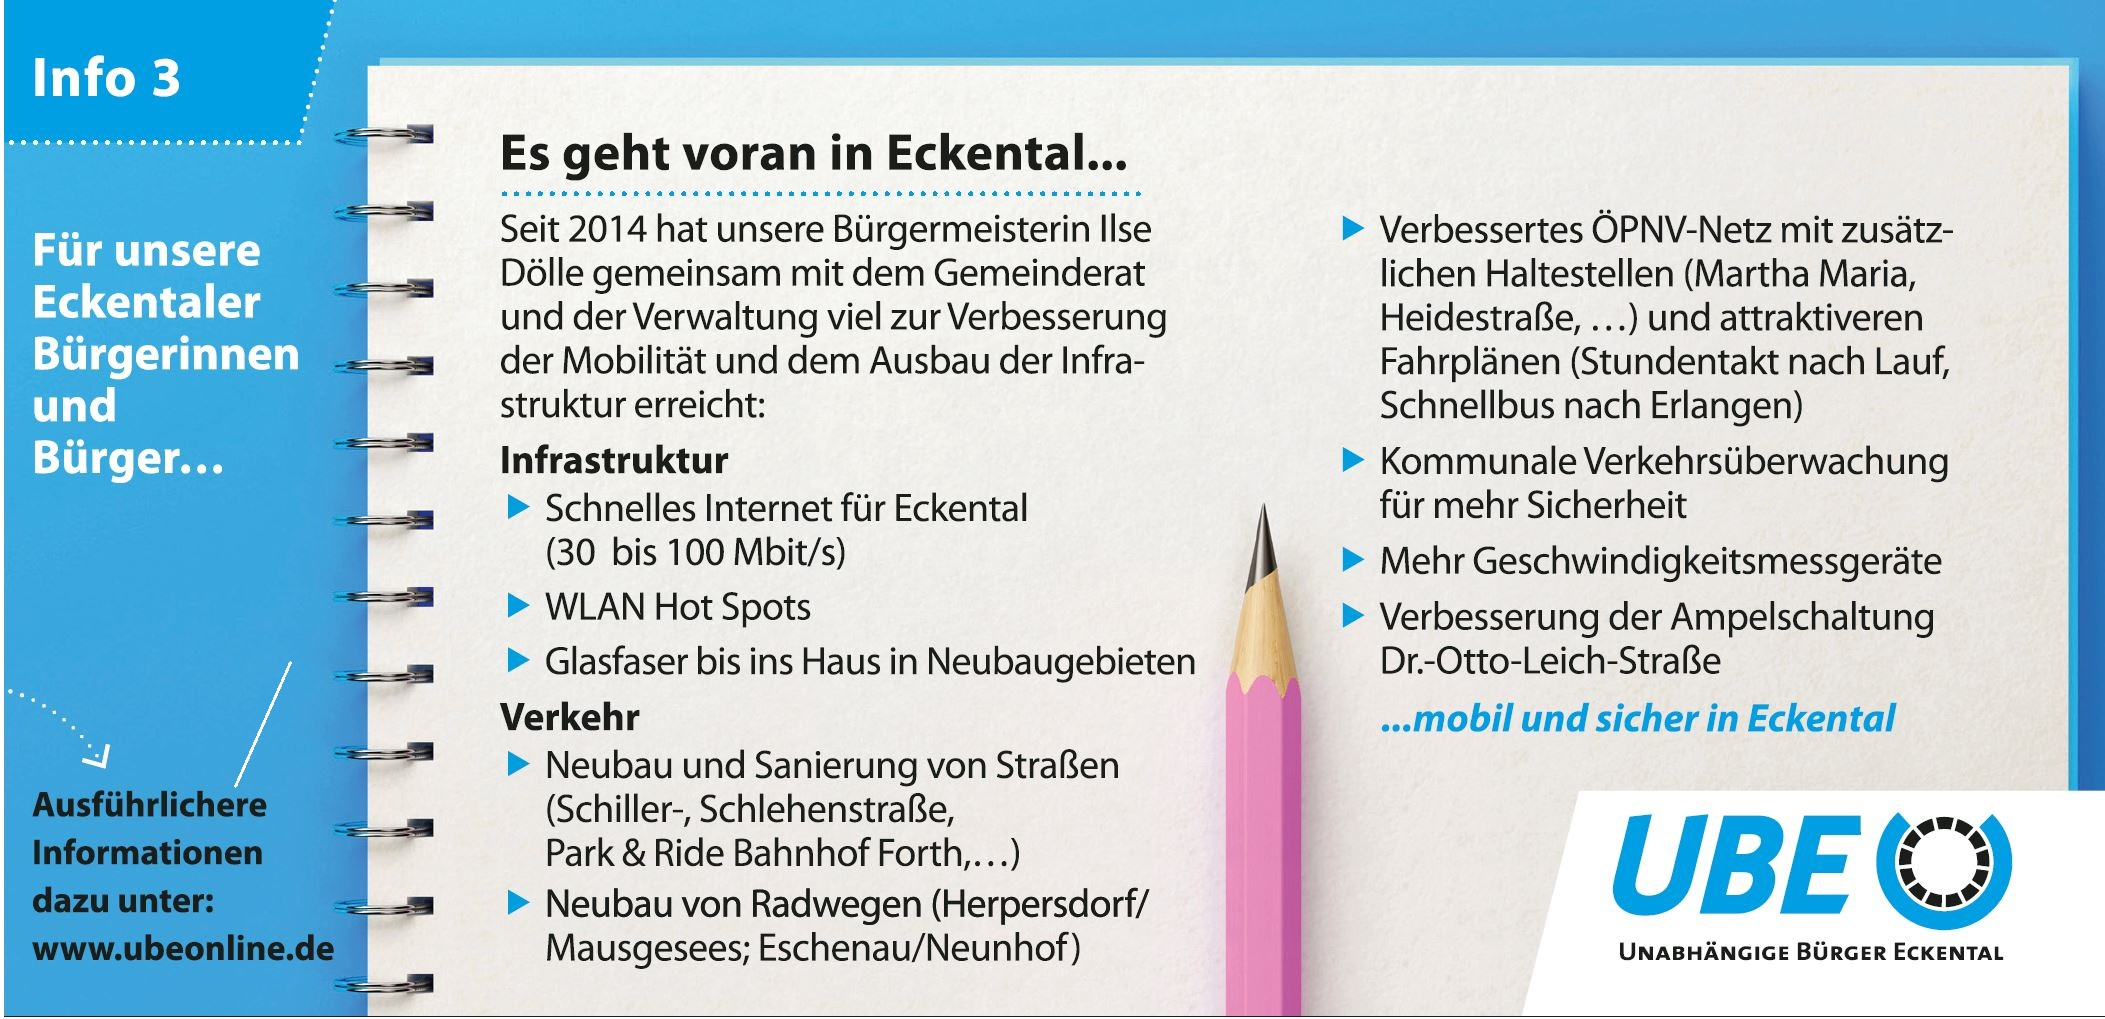 Eckental Infrastruktur und Verkehr